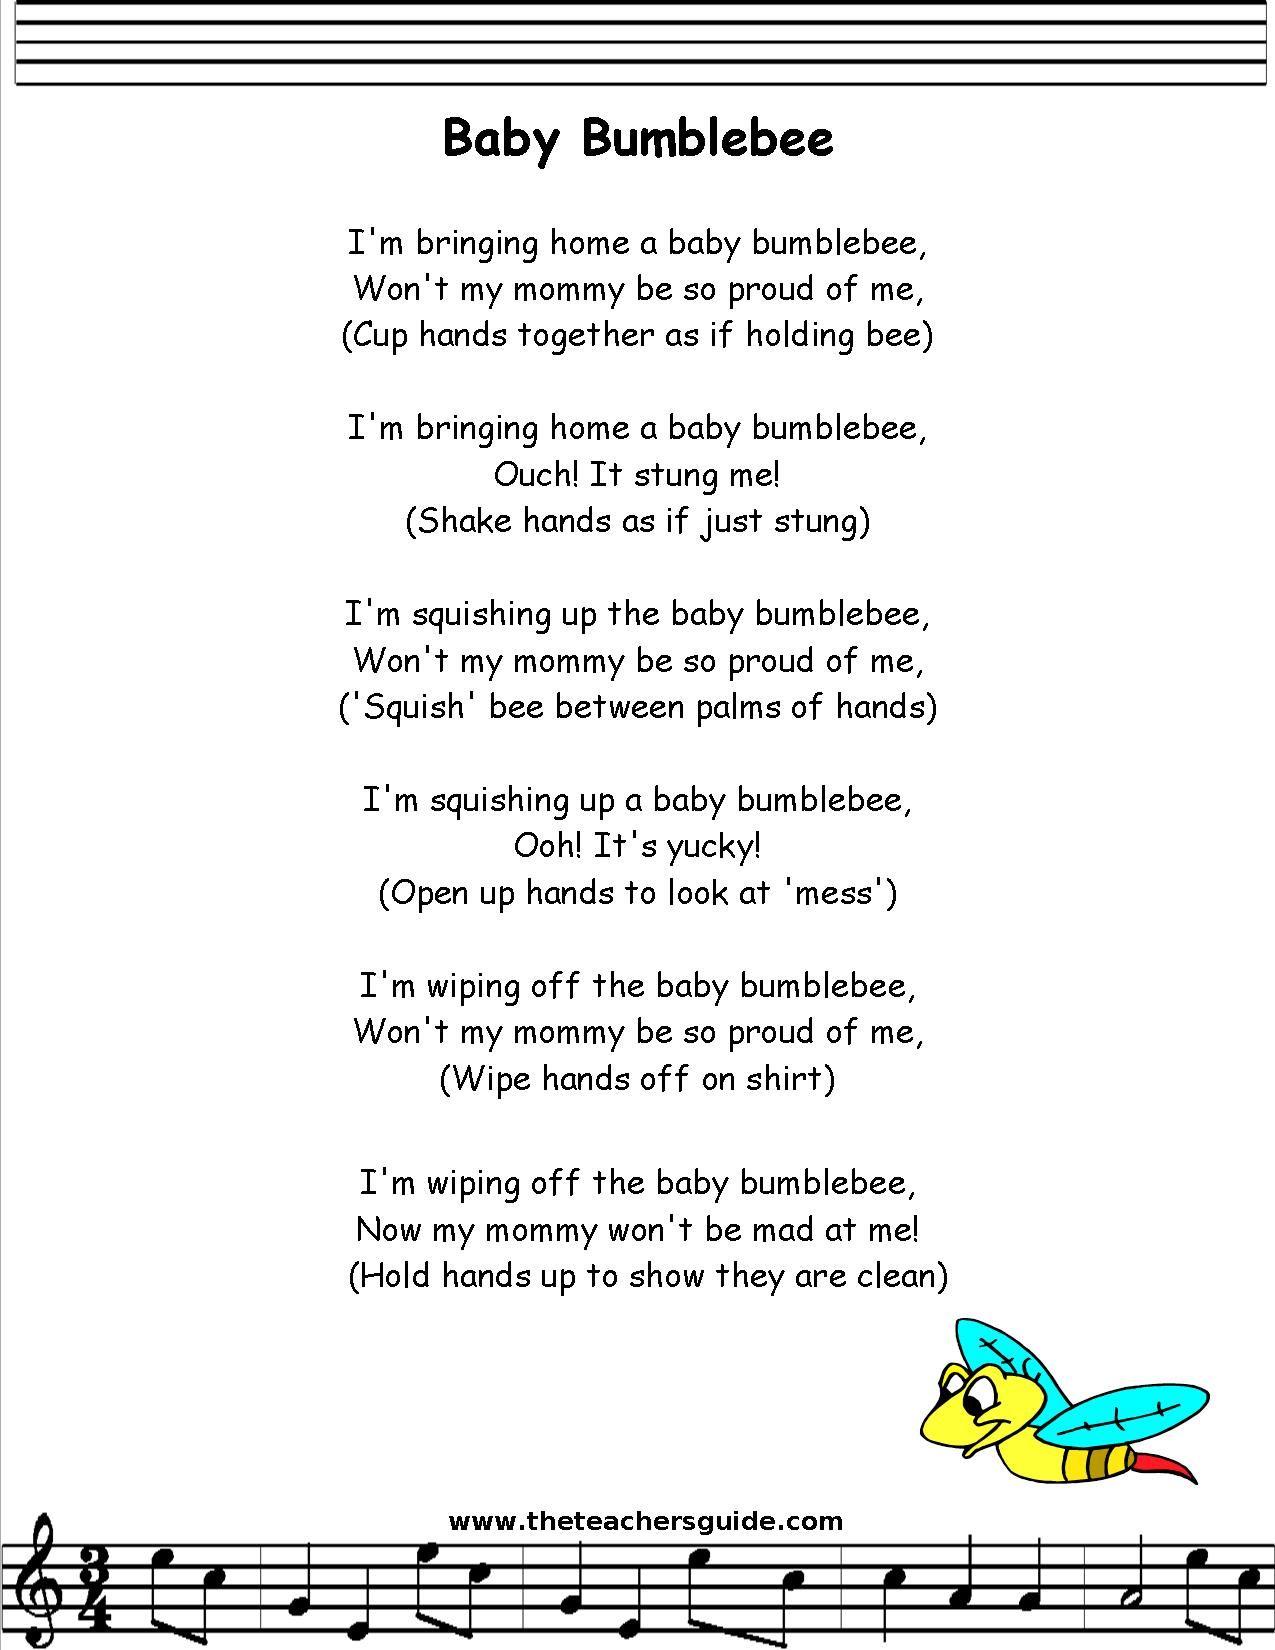 Babybumble Bee Lyrics Printout